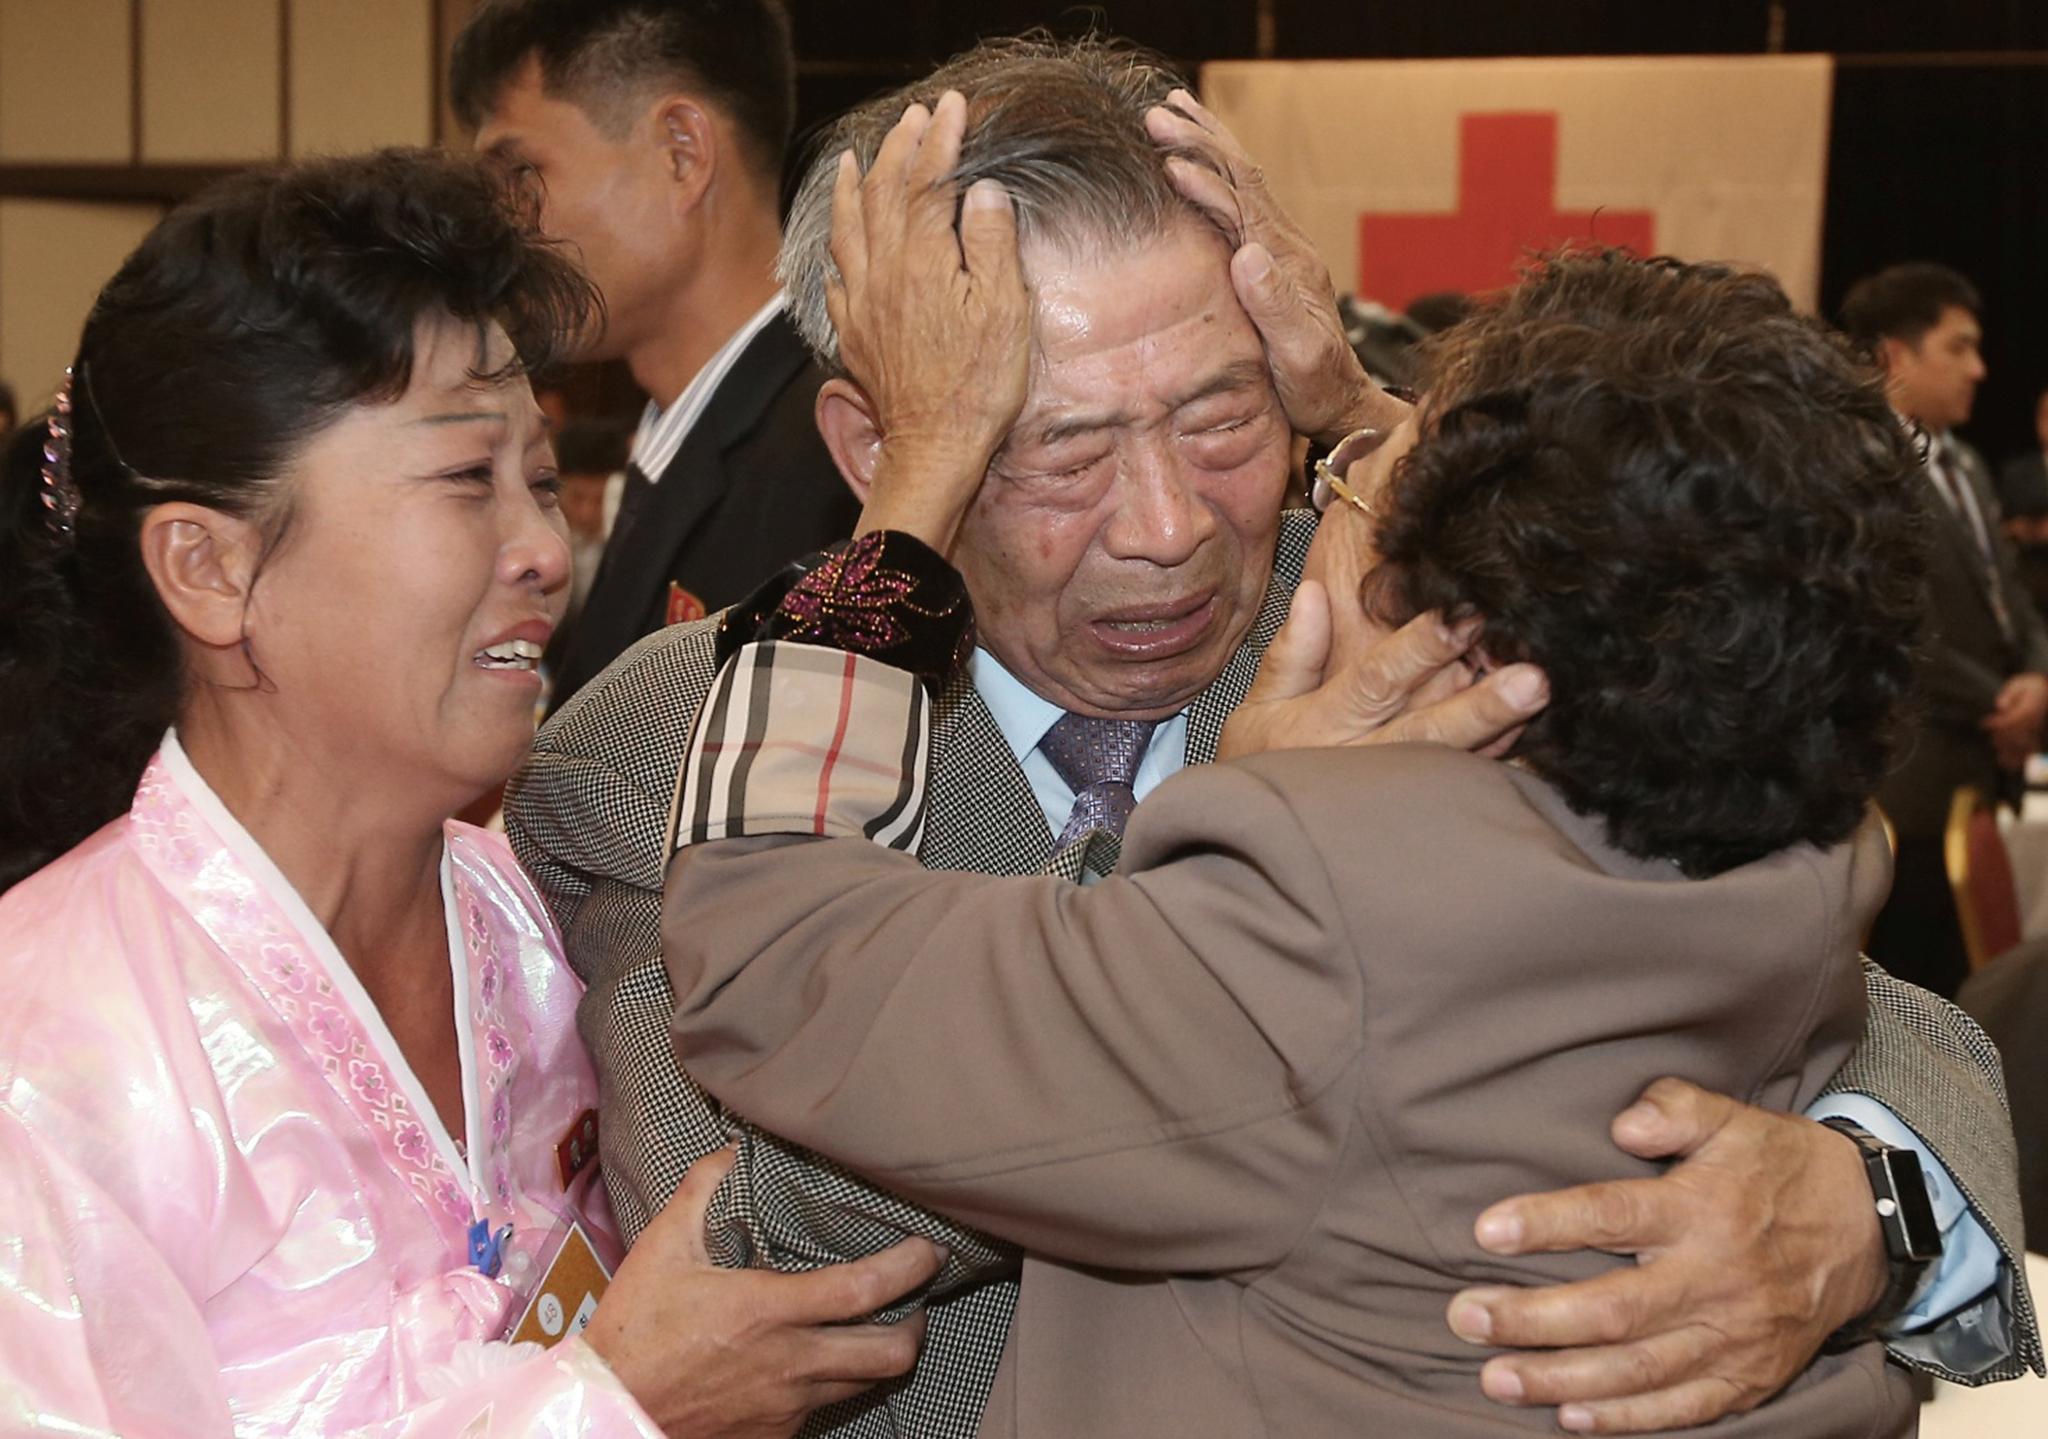 Termina em lágrimas reencontro de familiares de ambas as Coreias